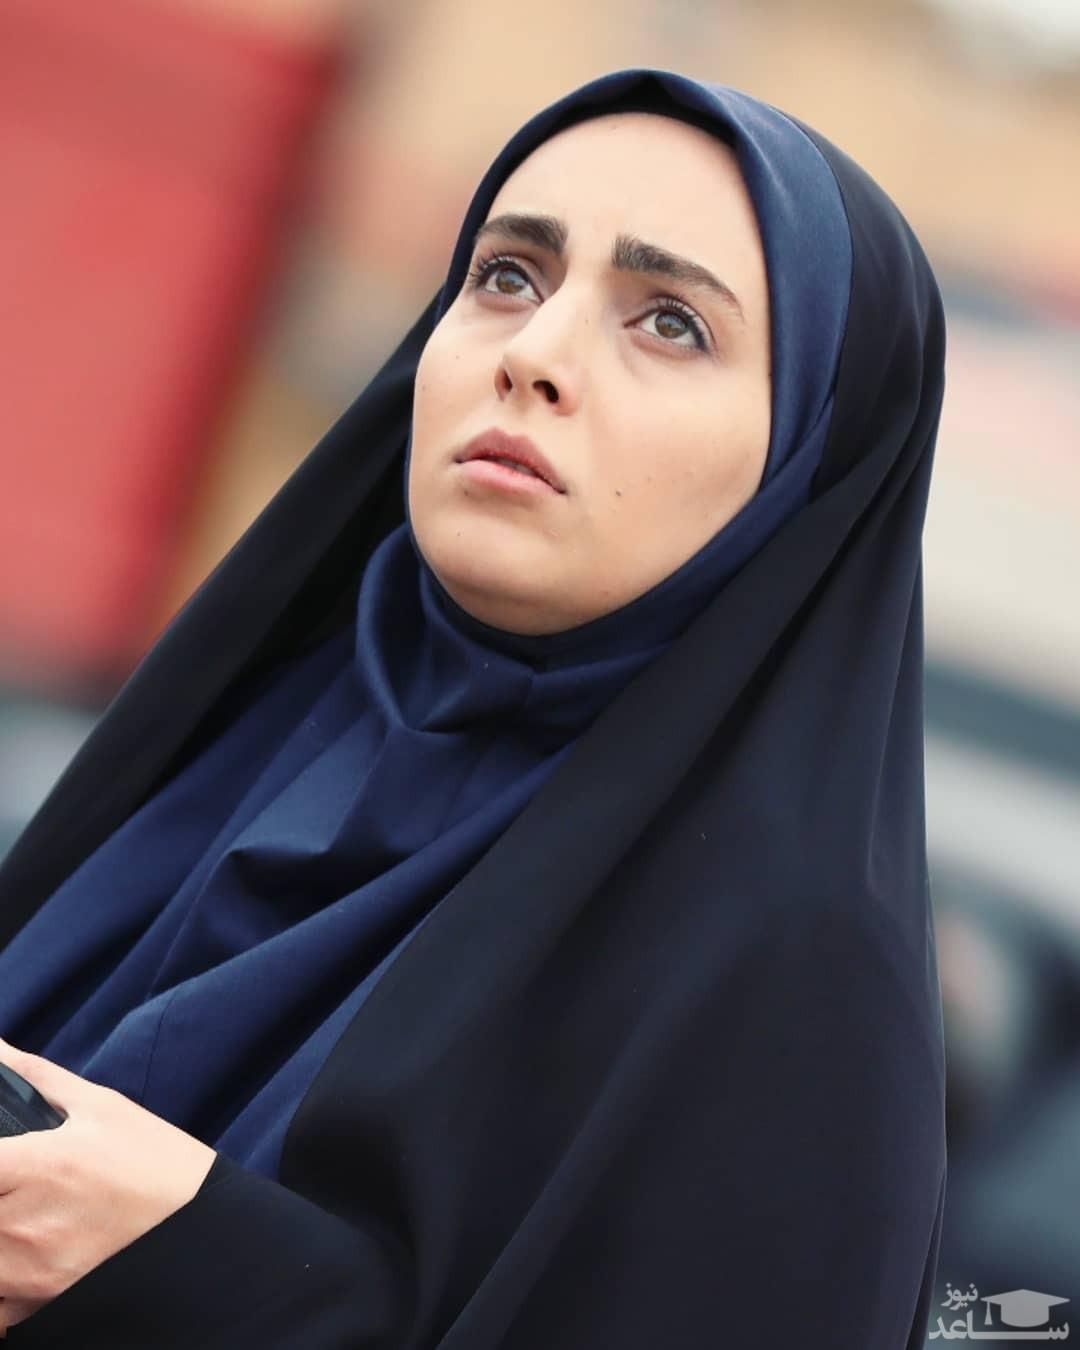 مهشید جوادی بازیگر جذاب بچه مهندس بدون چادر